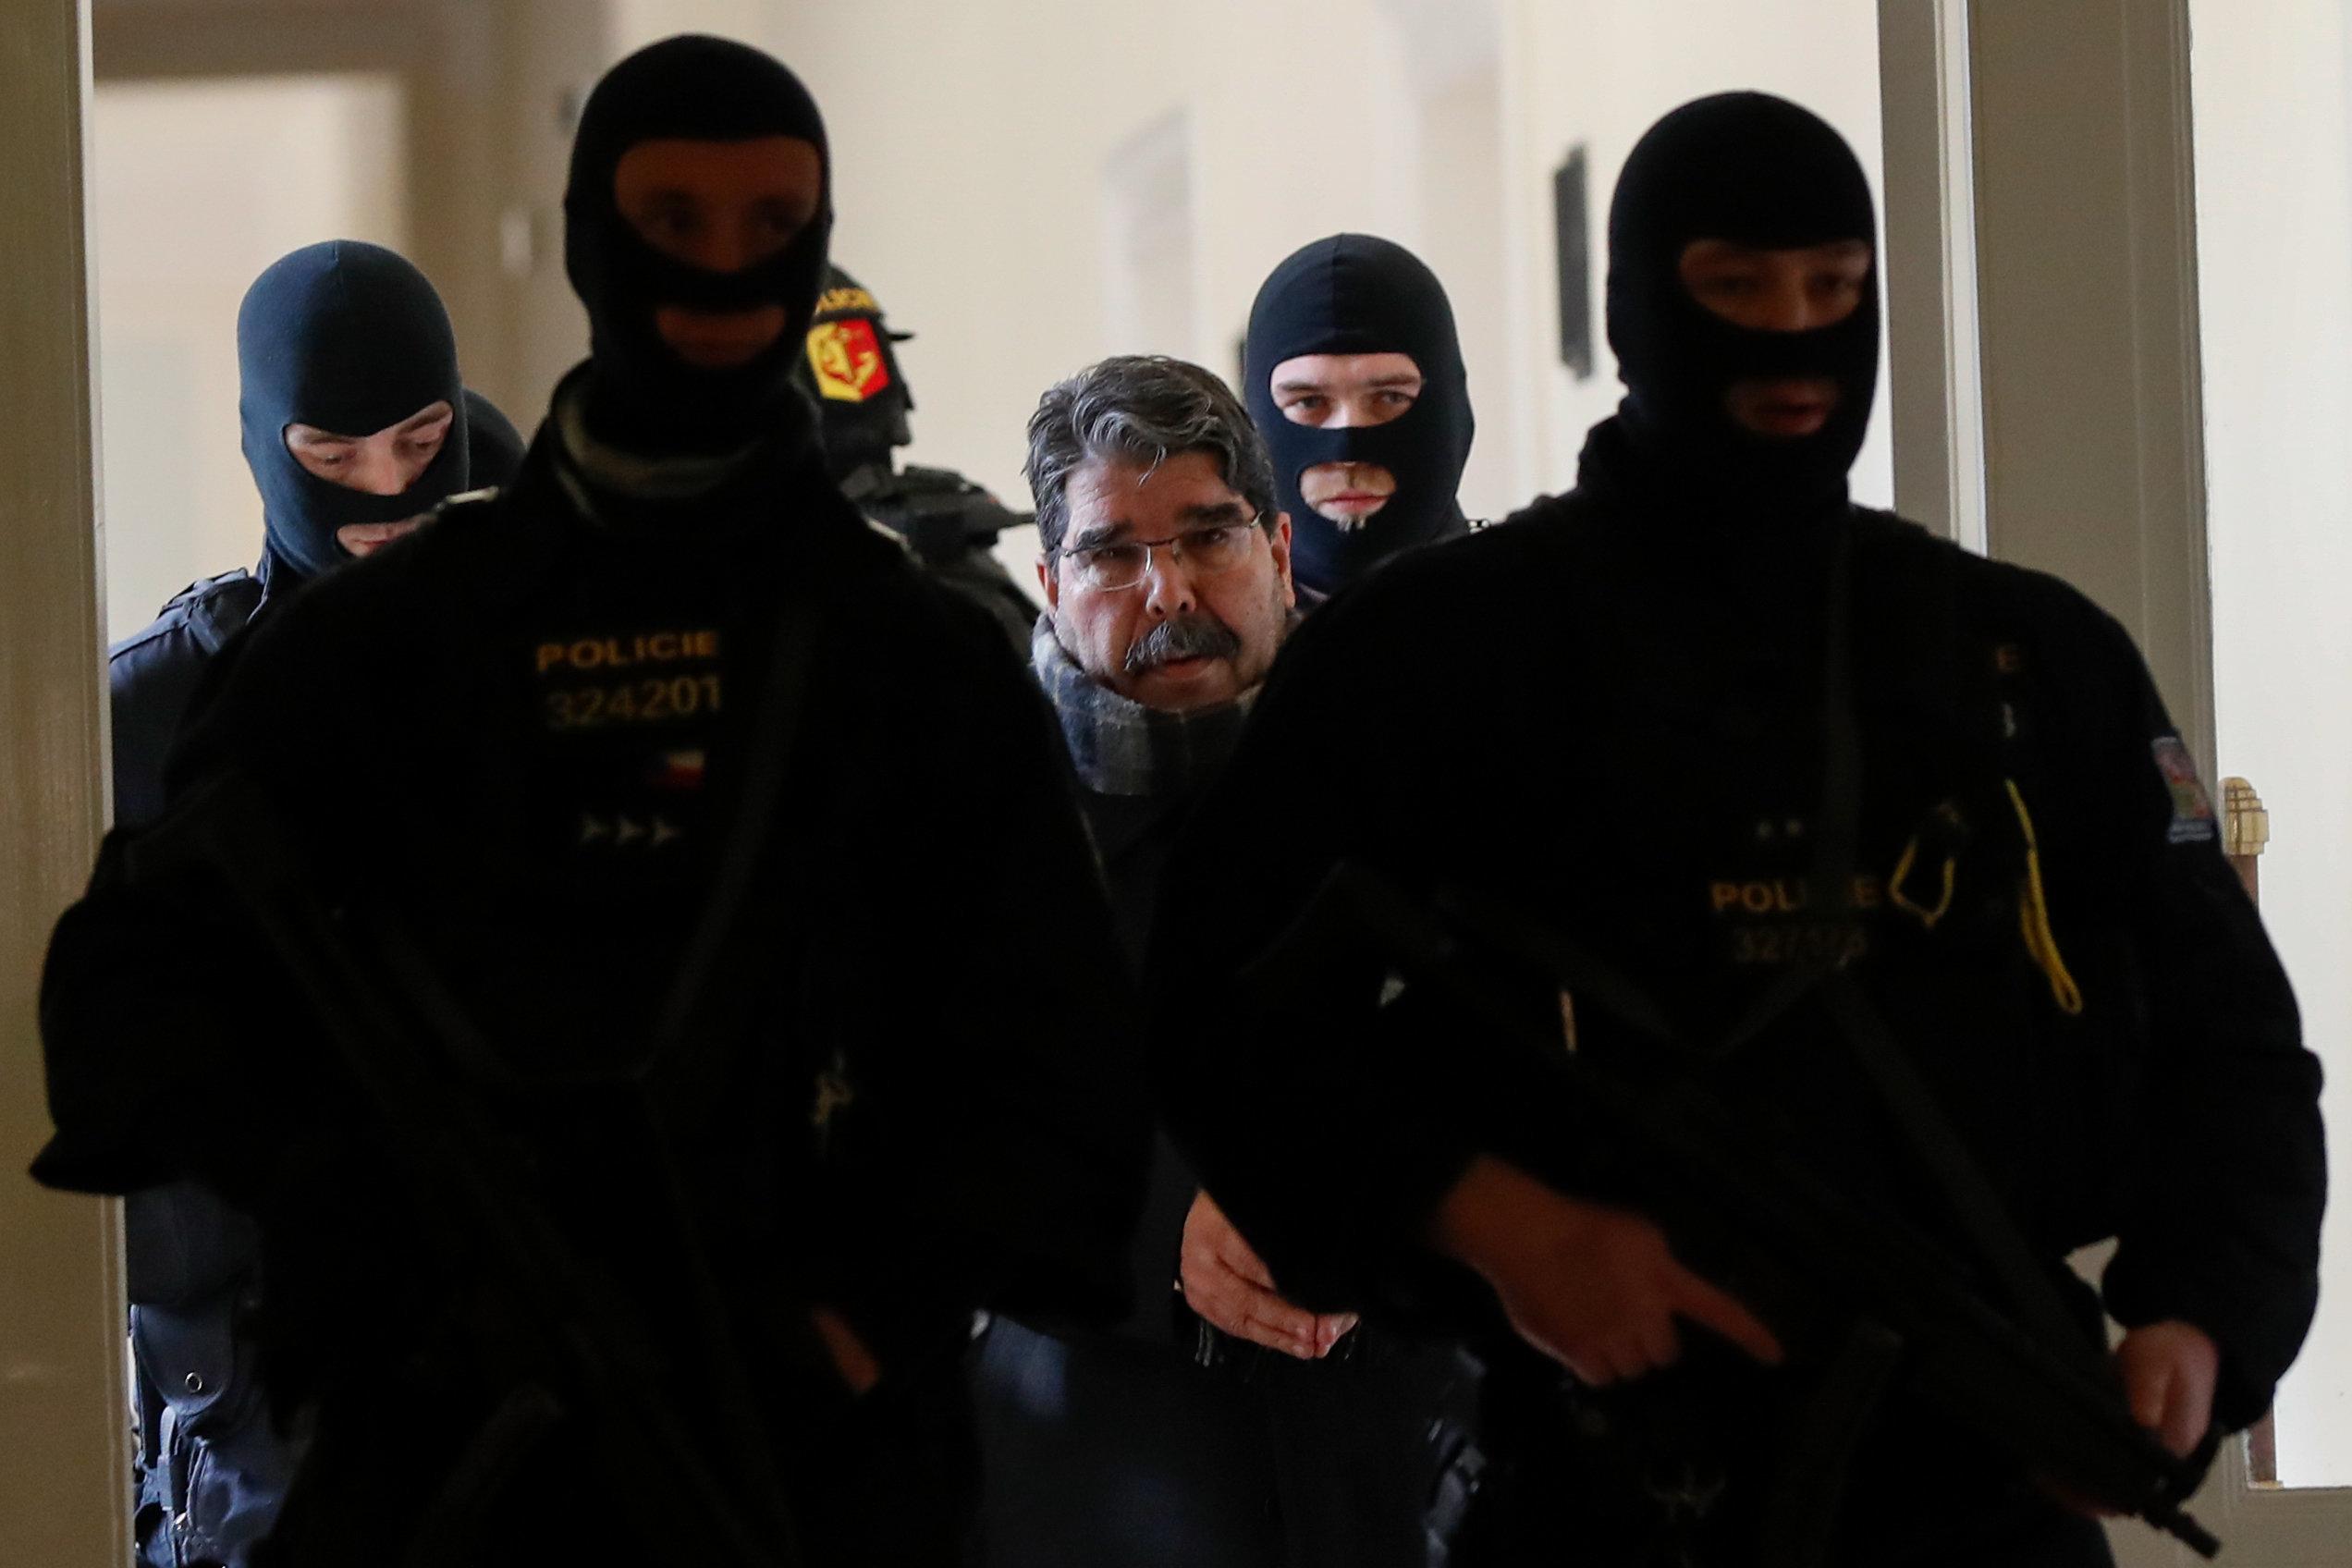 Επικηρυγμένος από τον Ερντογάν. Ο ηγέτης των Κούρδων της Συρίας μιλά αποκλειστικά στη HuffPost Greece